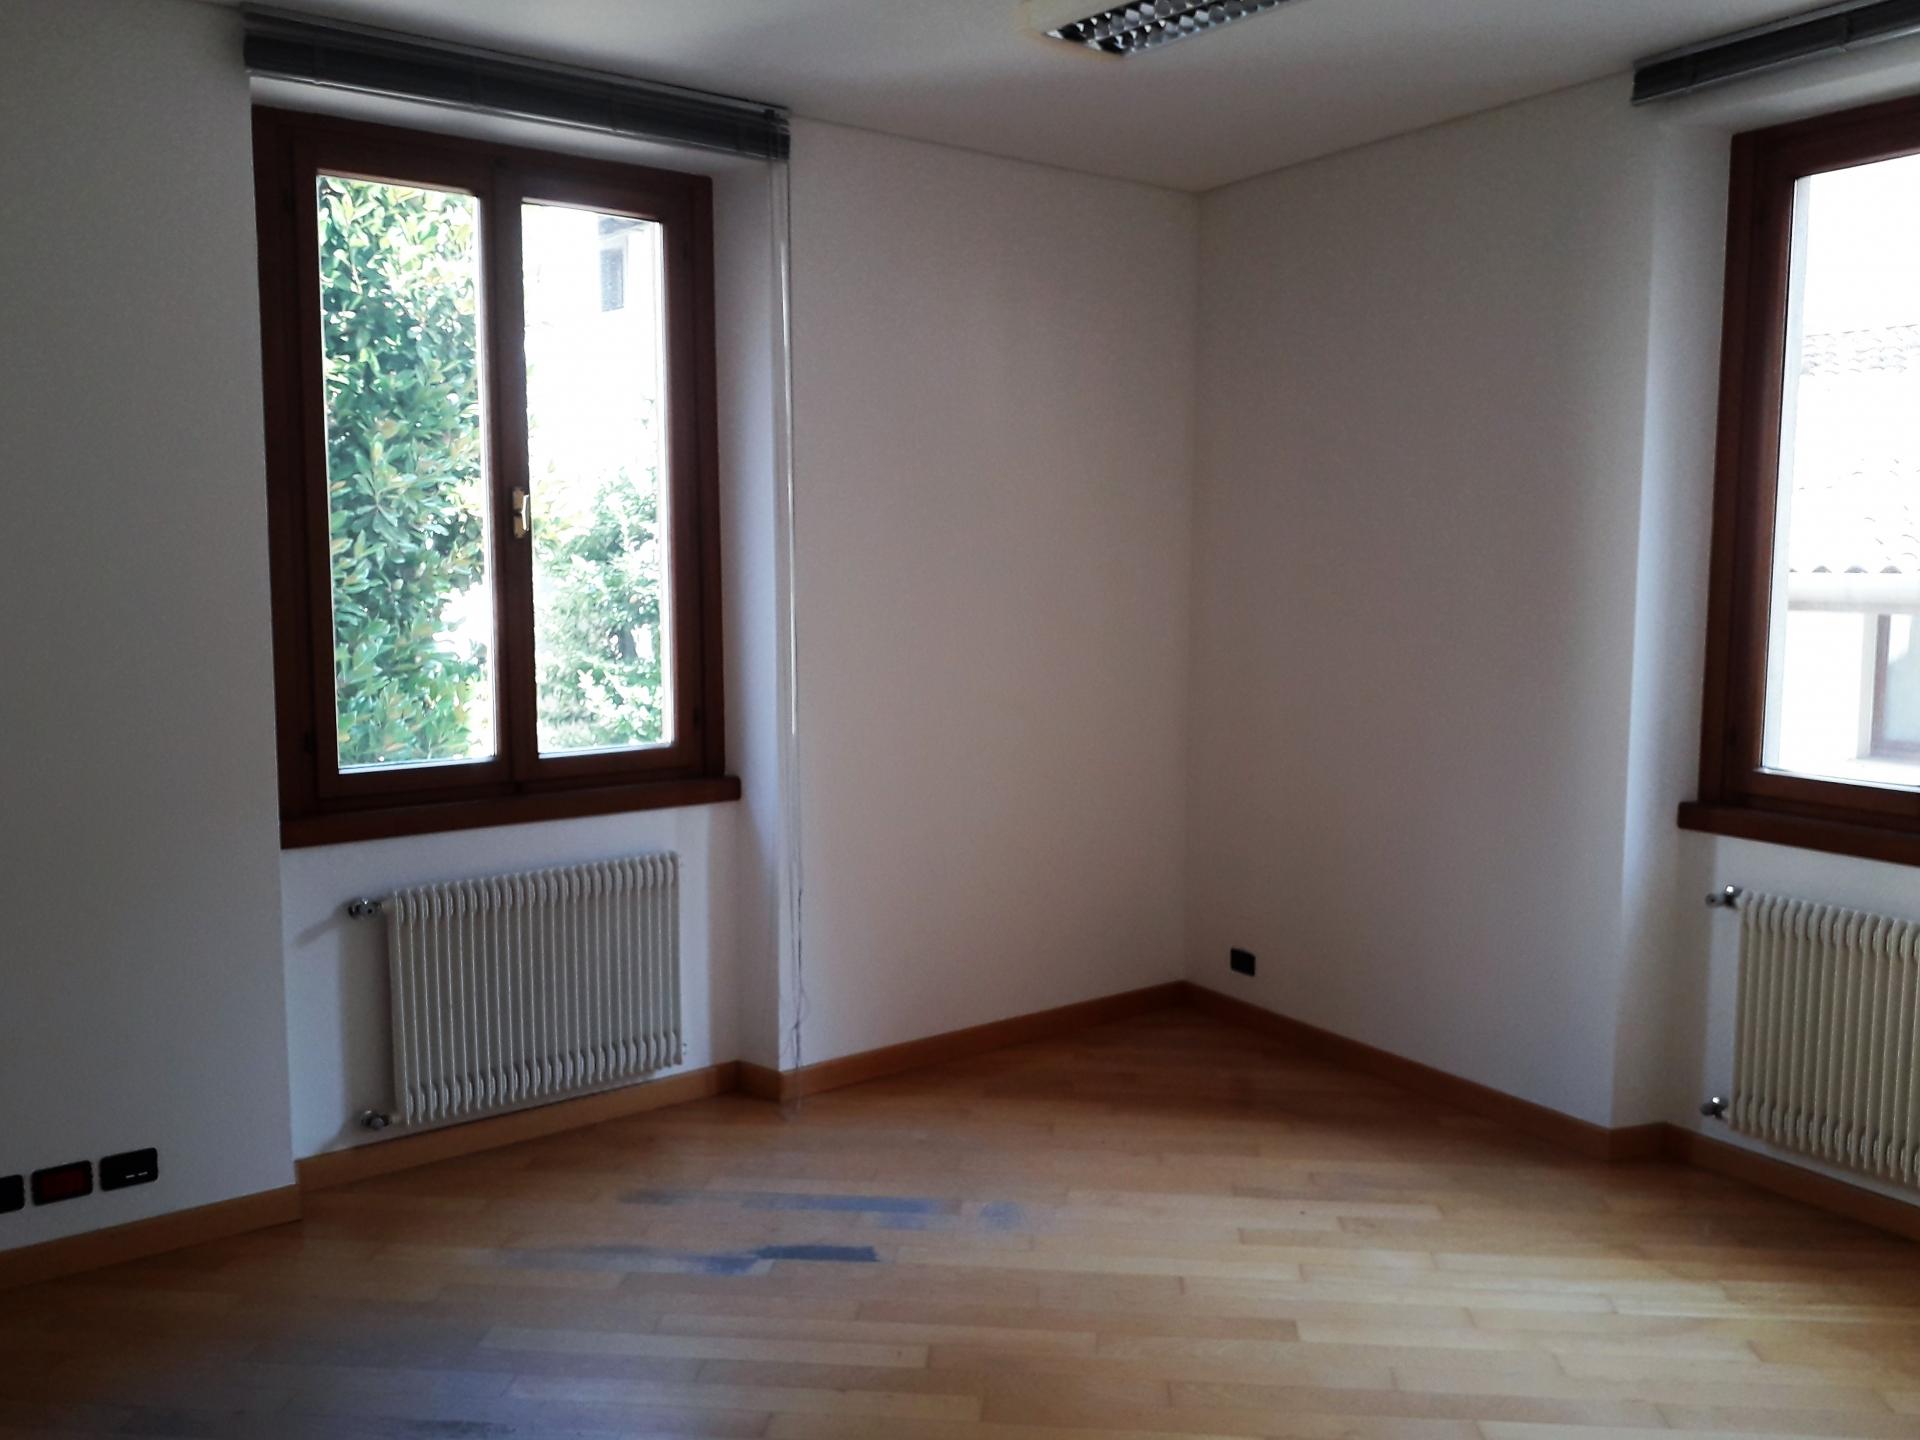 Appartamento in vendita a San Daniele del Friuli - Slideshow 6